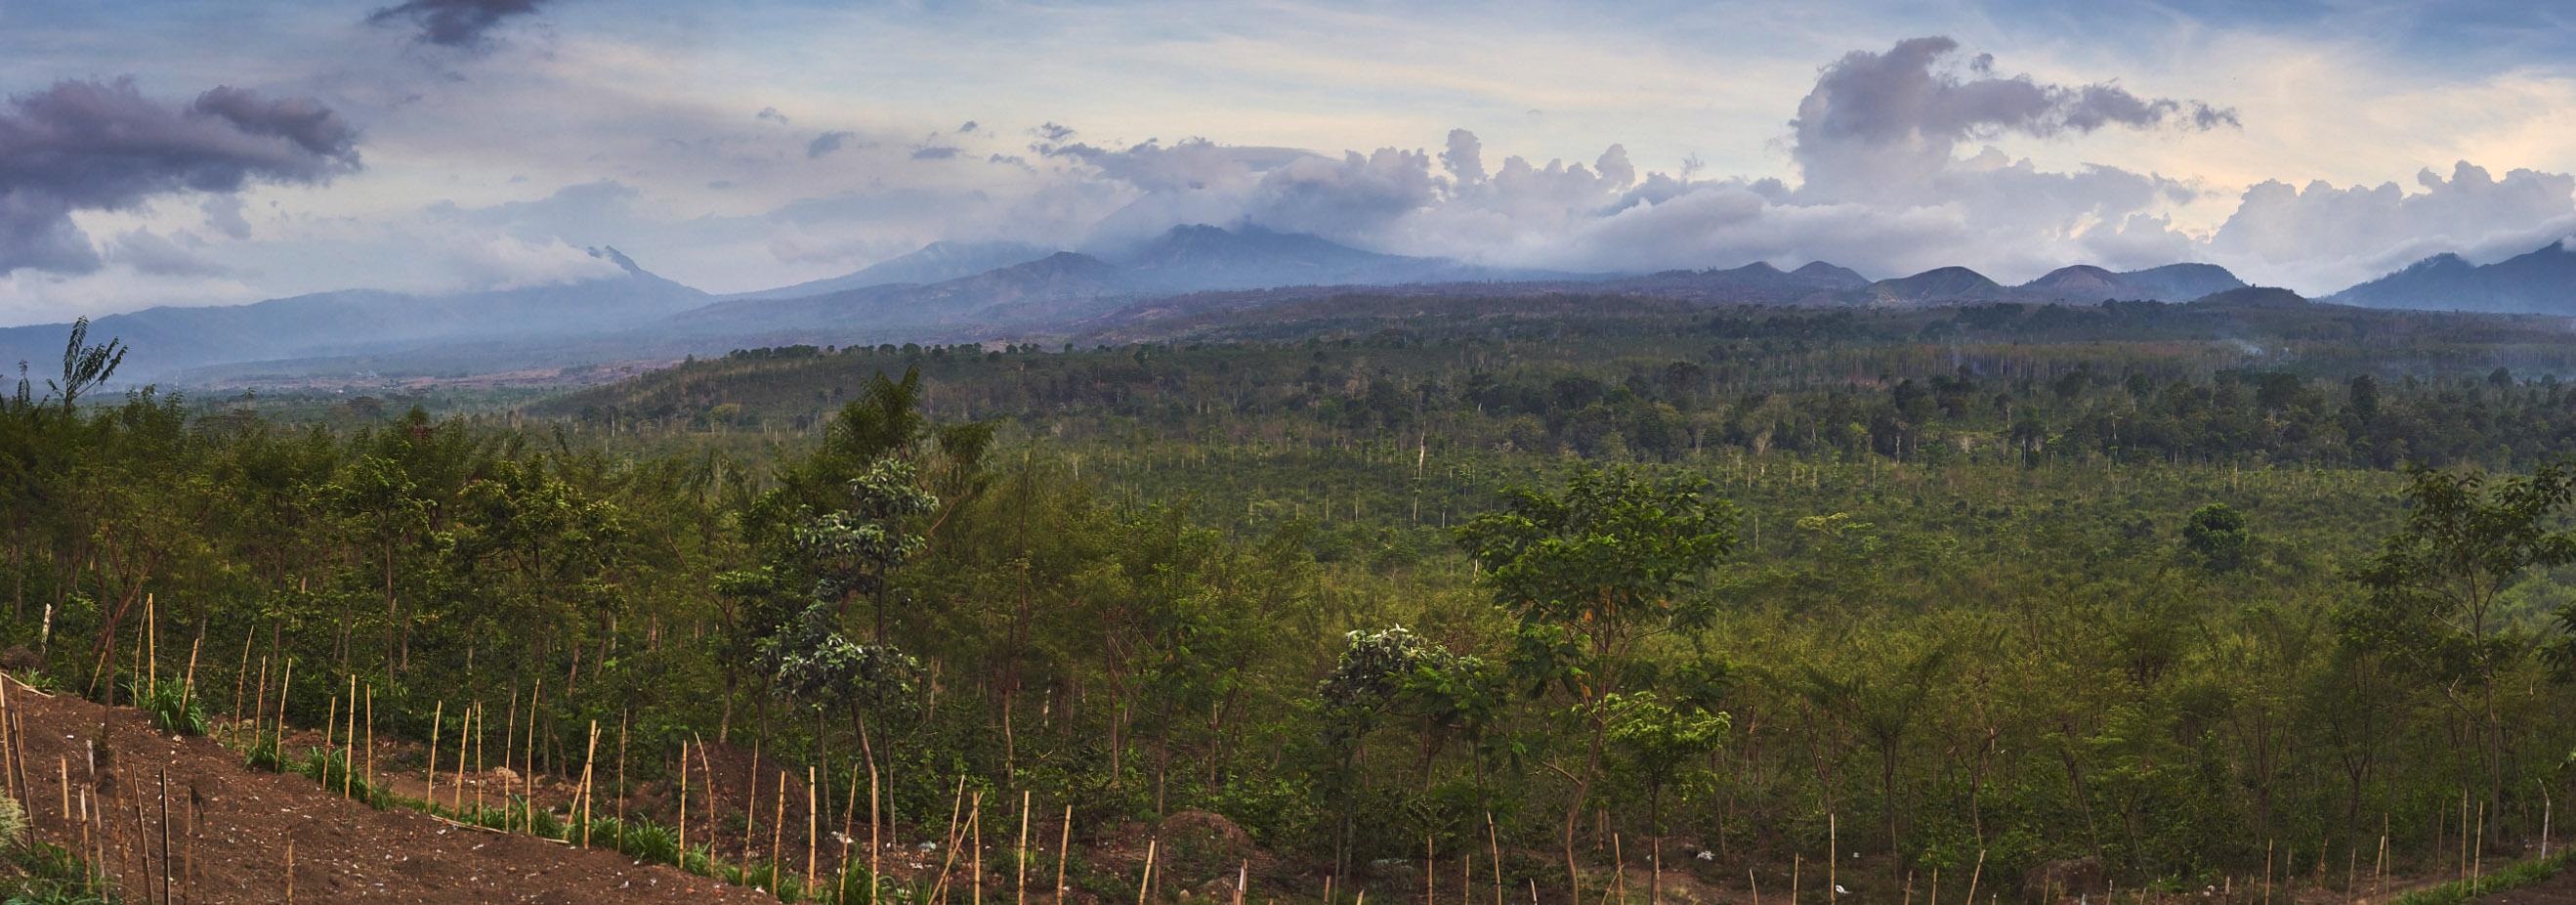 indonezja 0481pano W krainie wulkanów